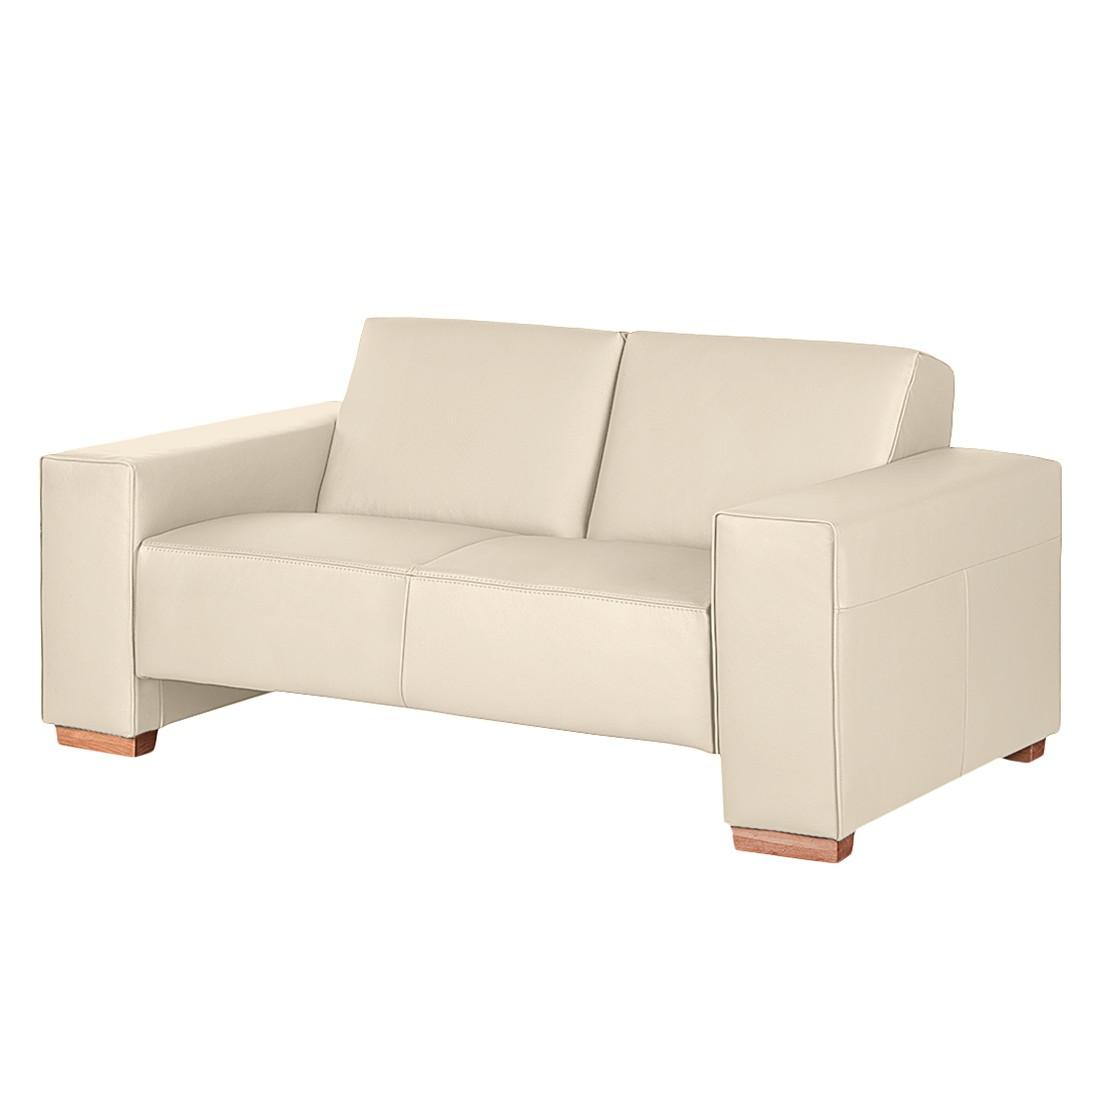 Sofa Midar (2,5-Sitzer) – Echtleder Beige, roomscape günstig kaufen